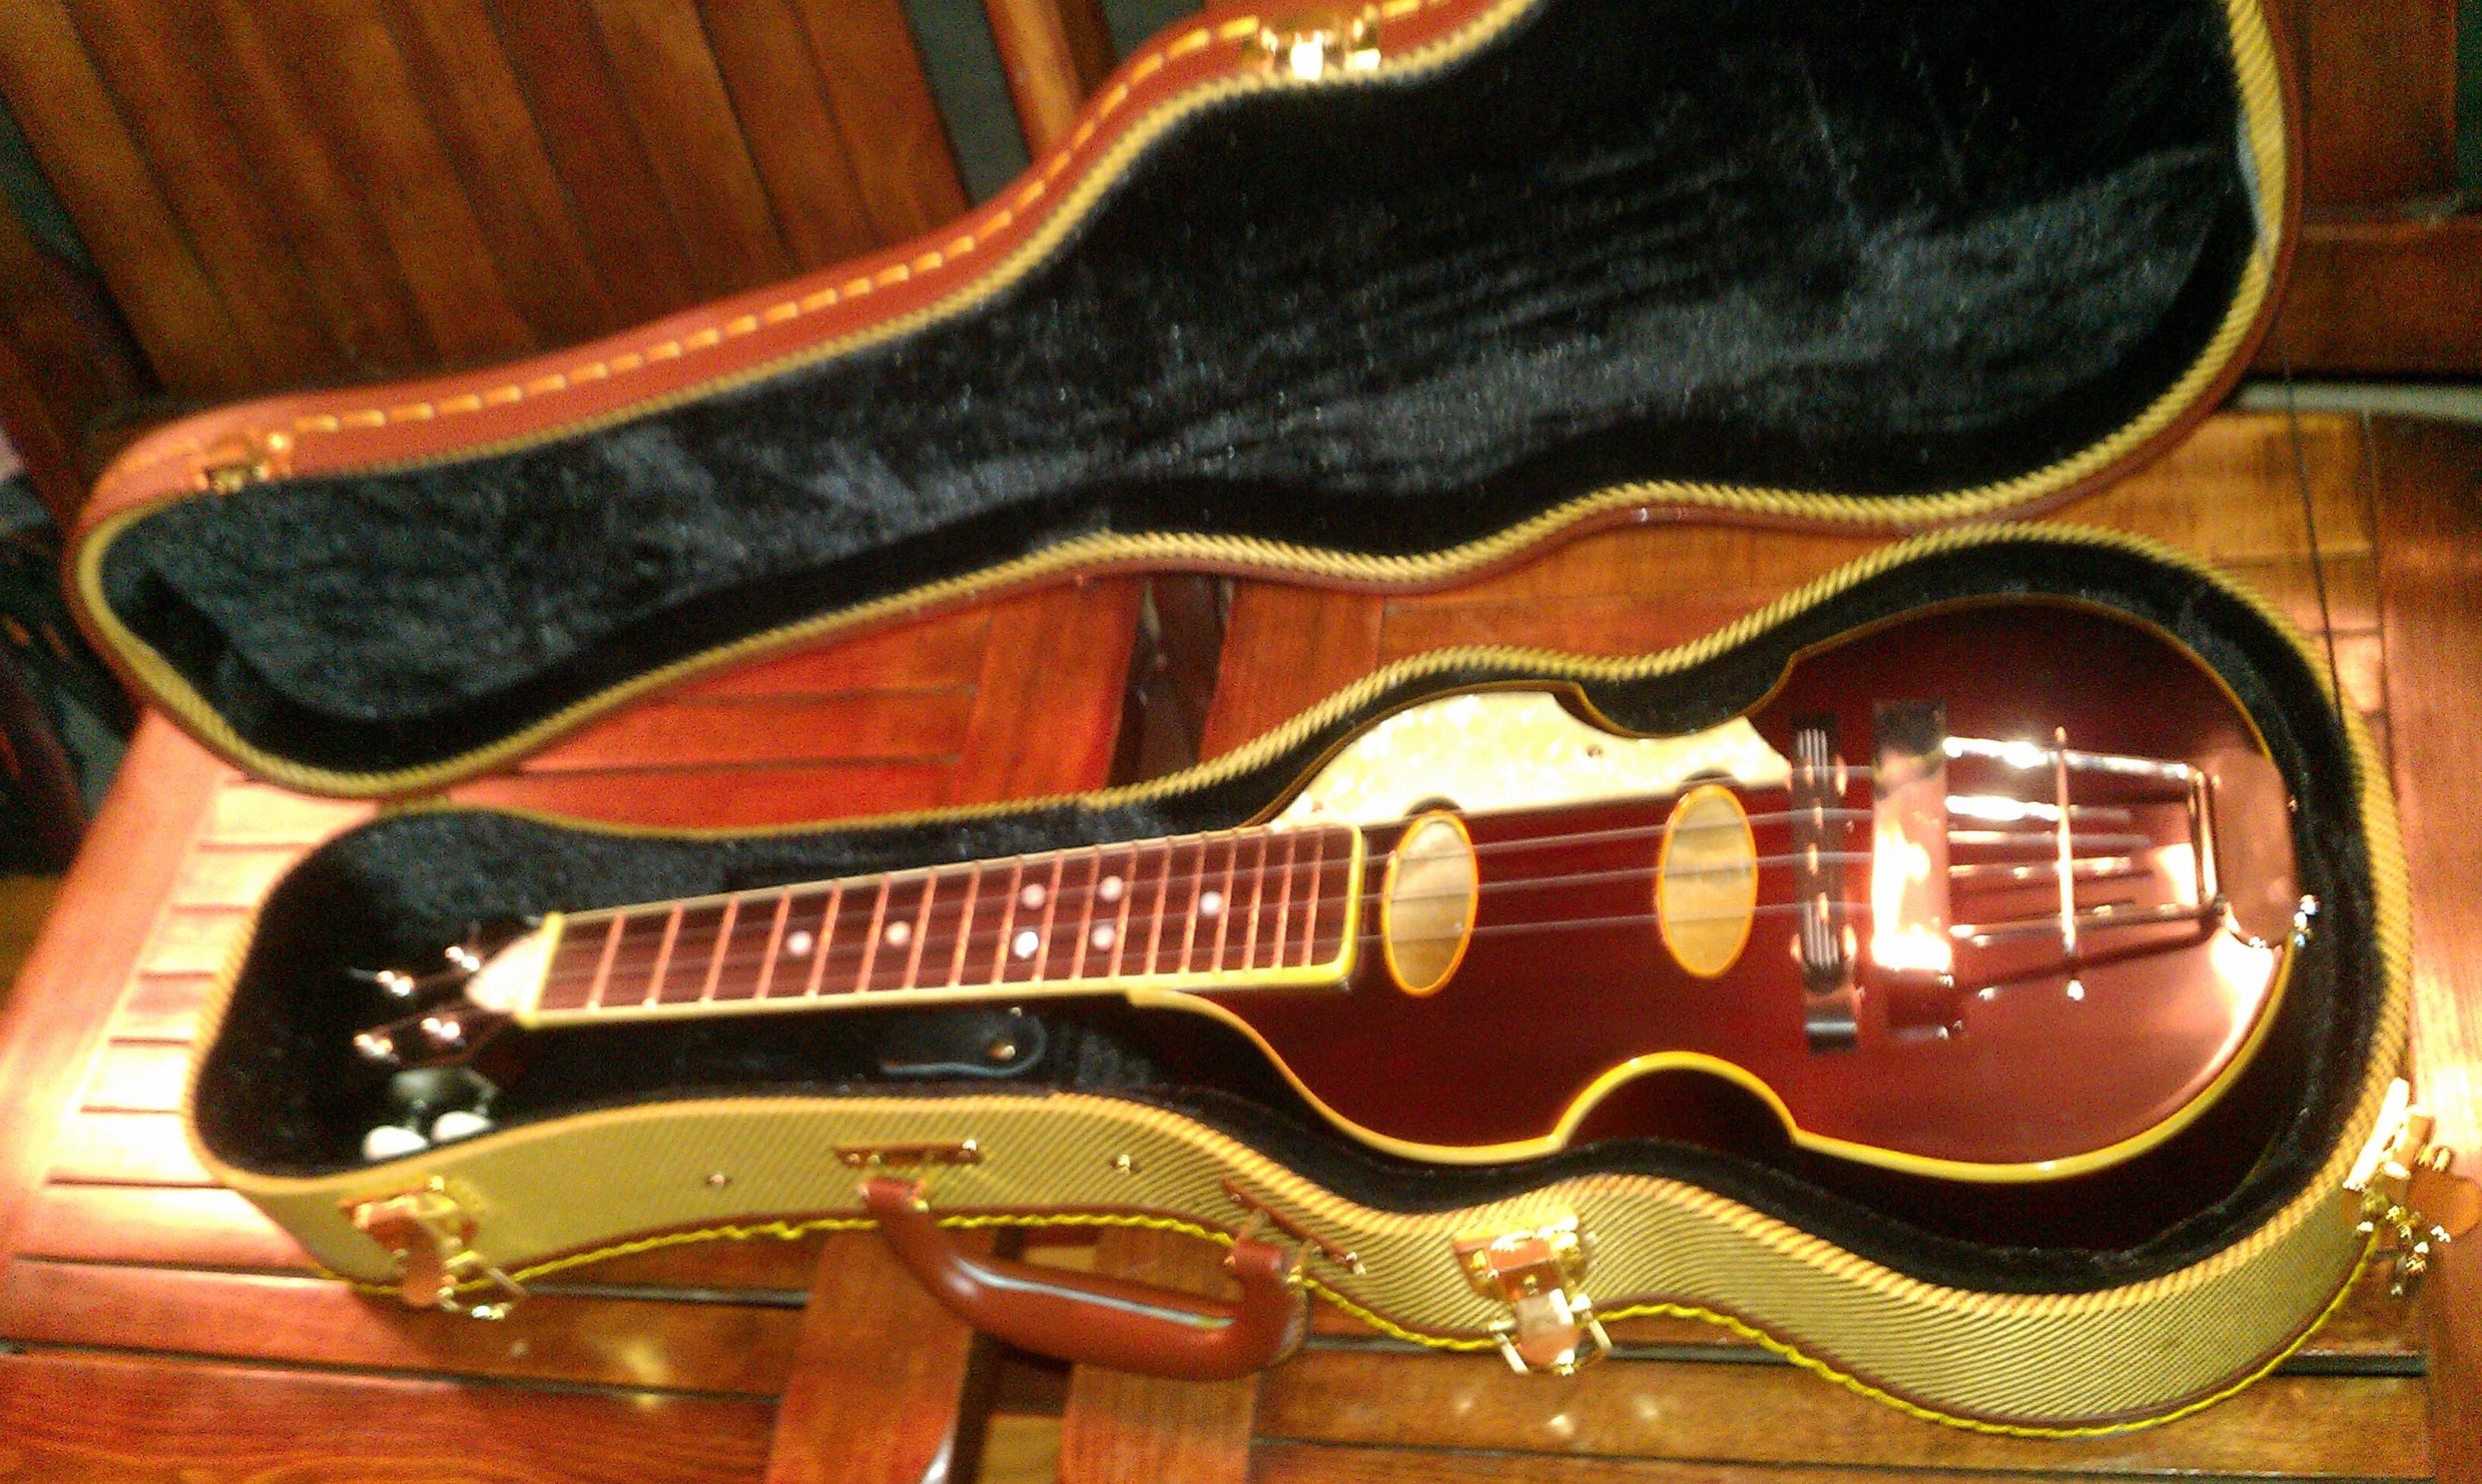 Guitar Photos